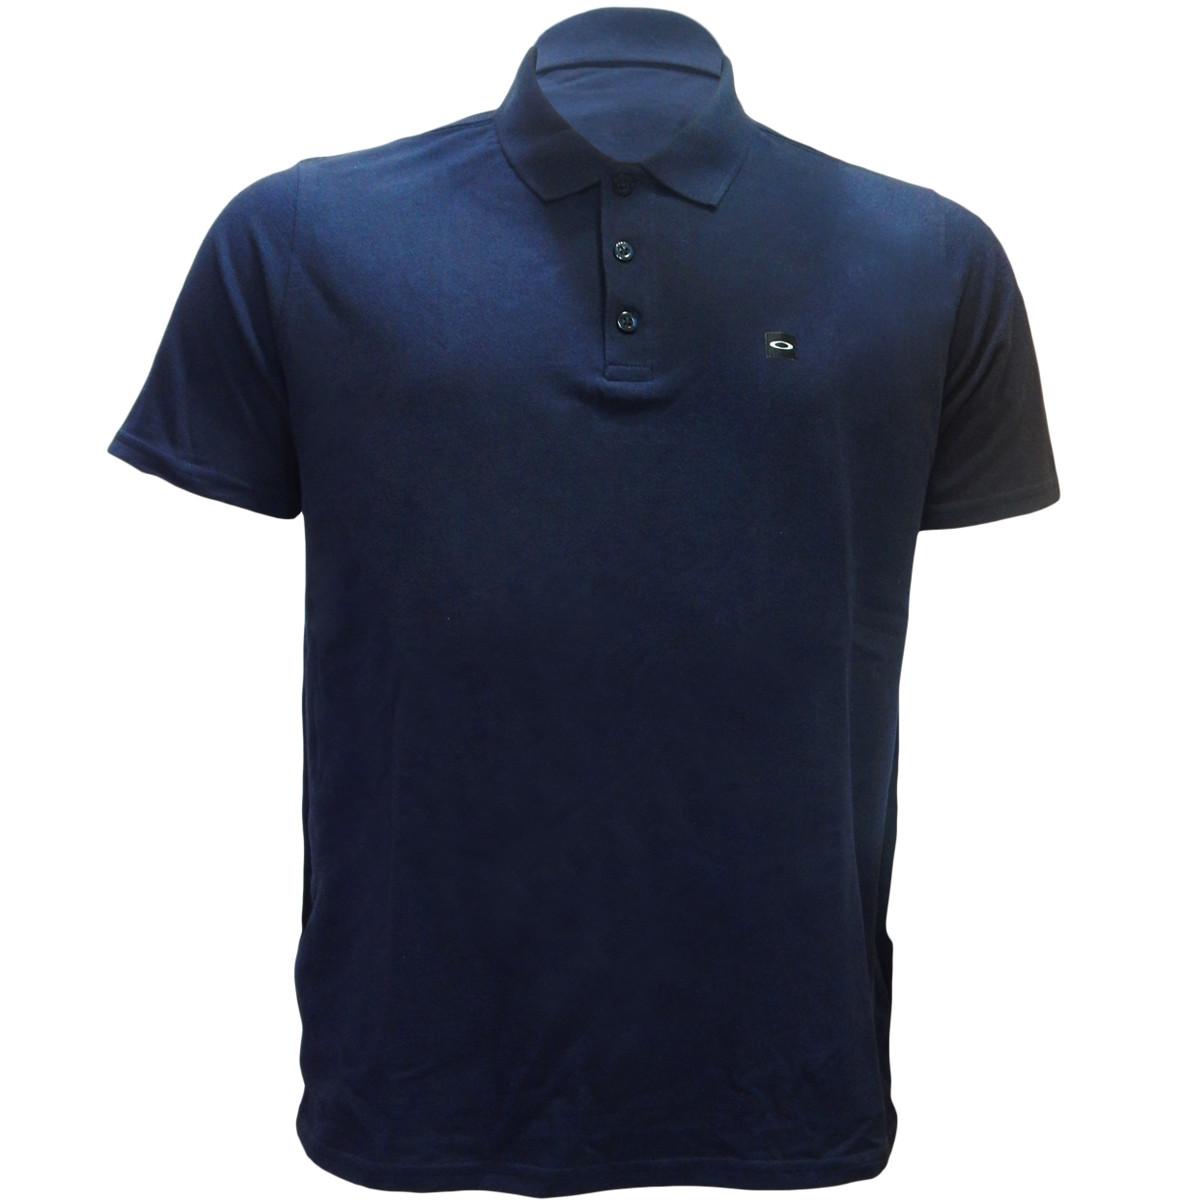 Camisa Polo Oakley Essential Patch Azul Marinho ref 433493-6AC 74327e7b04a5c